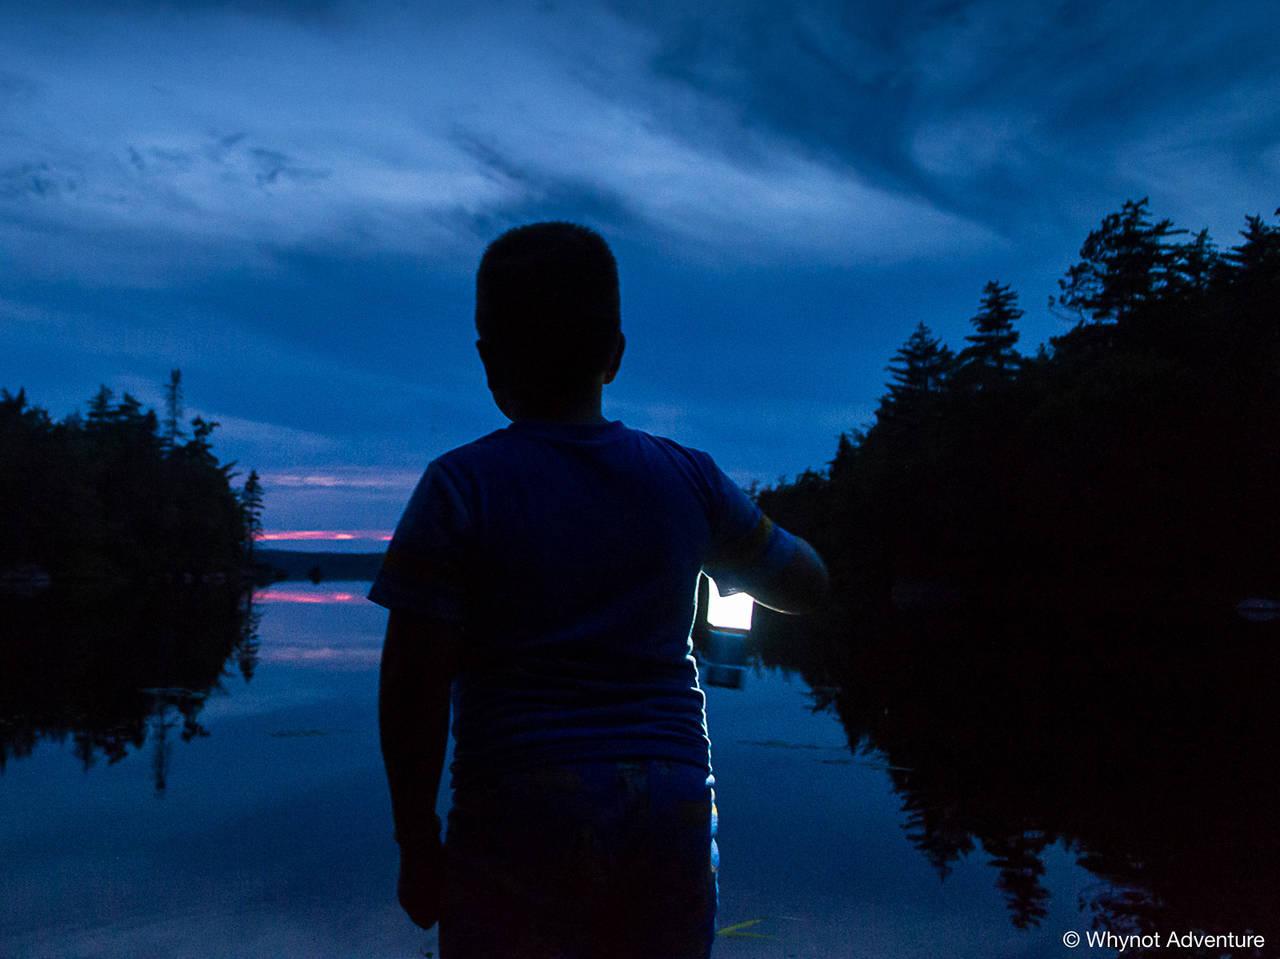 Lake, lantern and lad